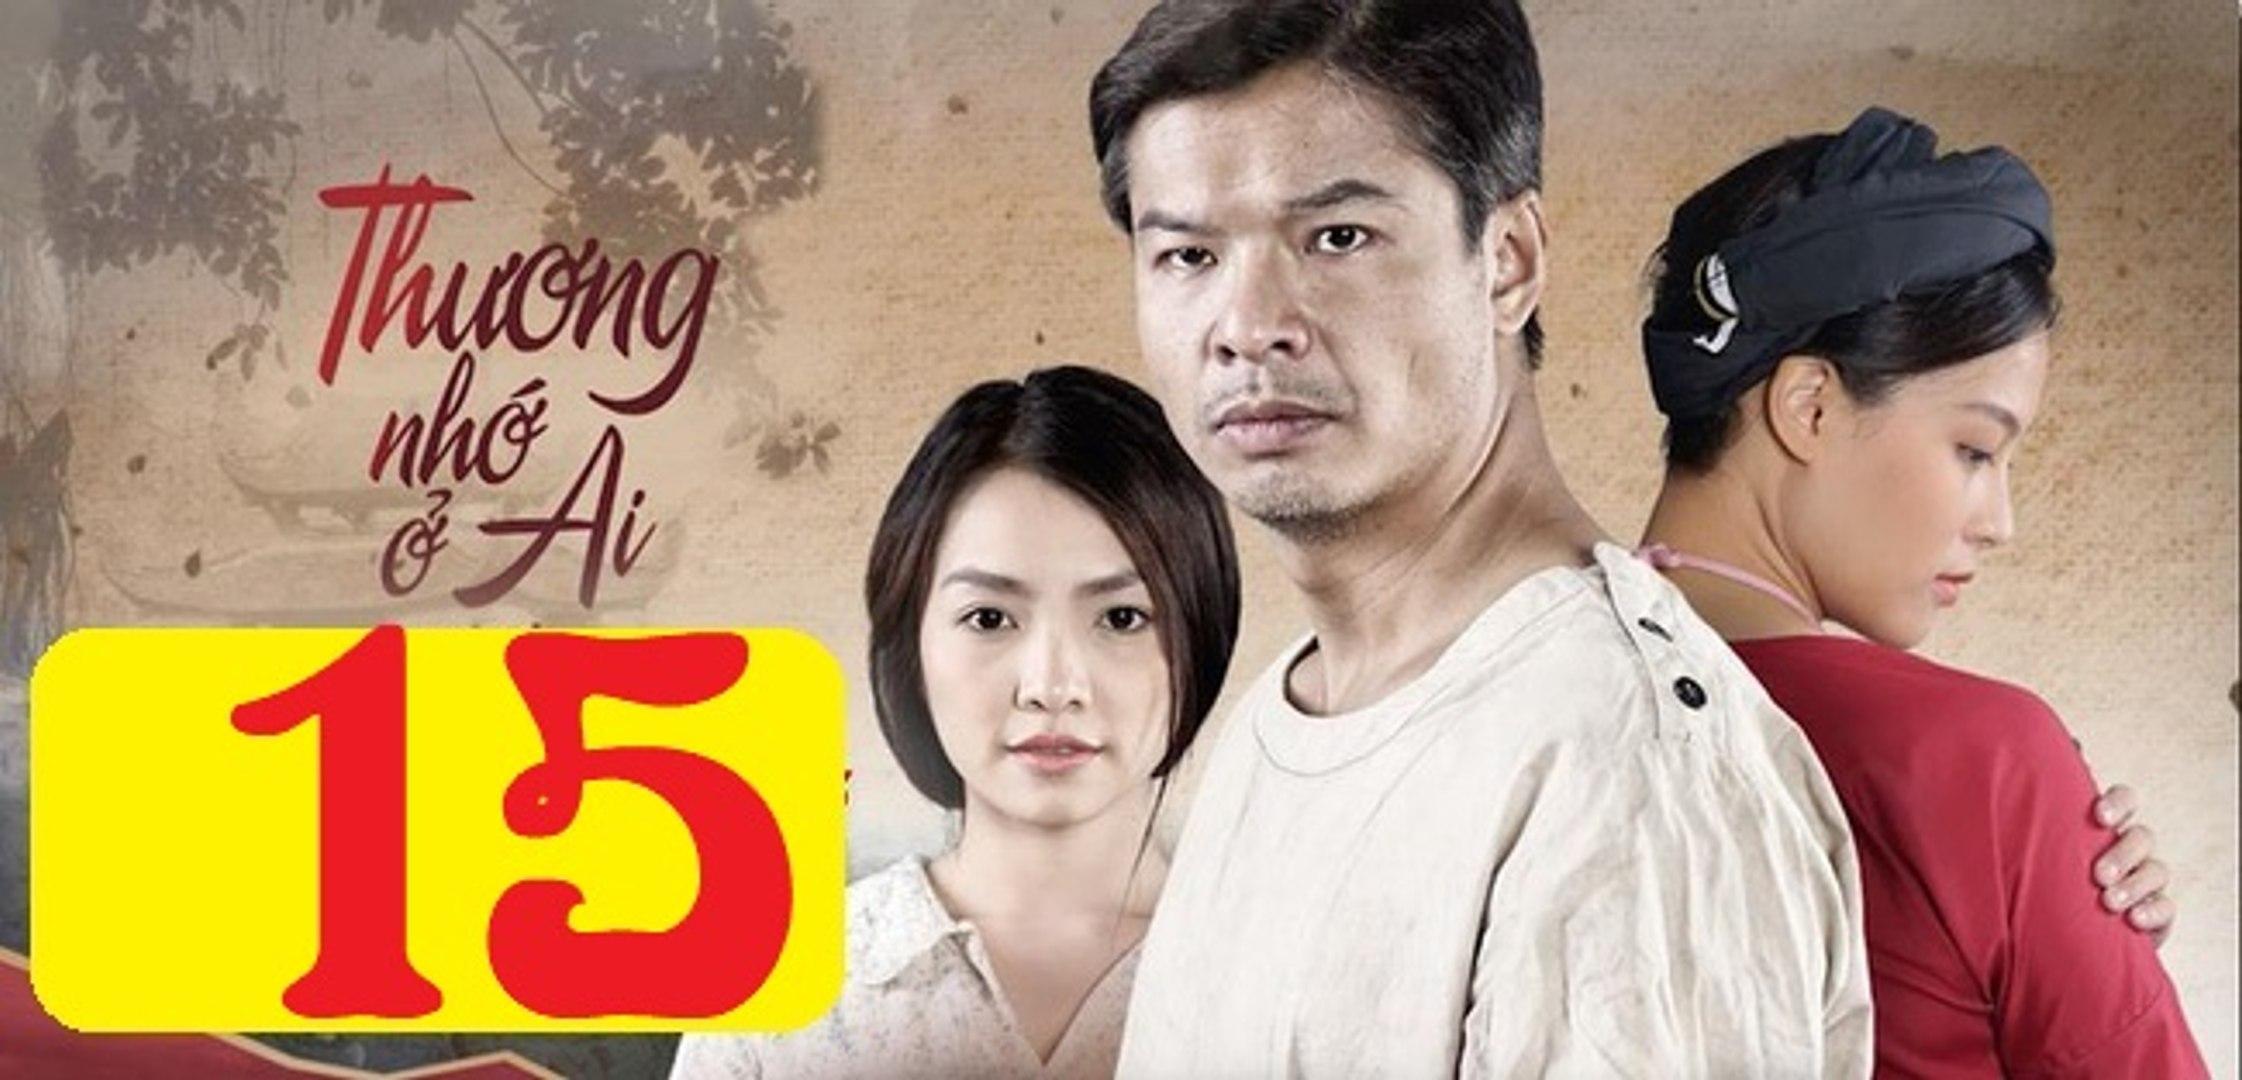 Thương Nhớ Ở Ai Tập 15 - Thuong Nho o ai 15 trailer | Phim Rubic 8